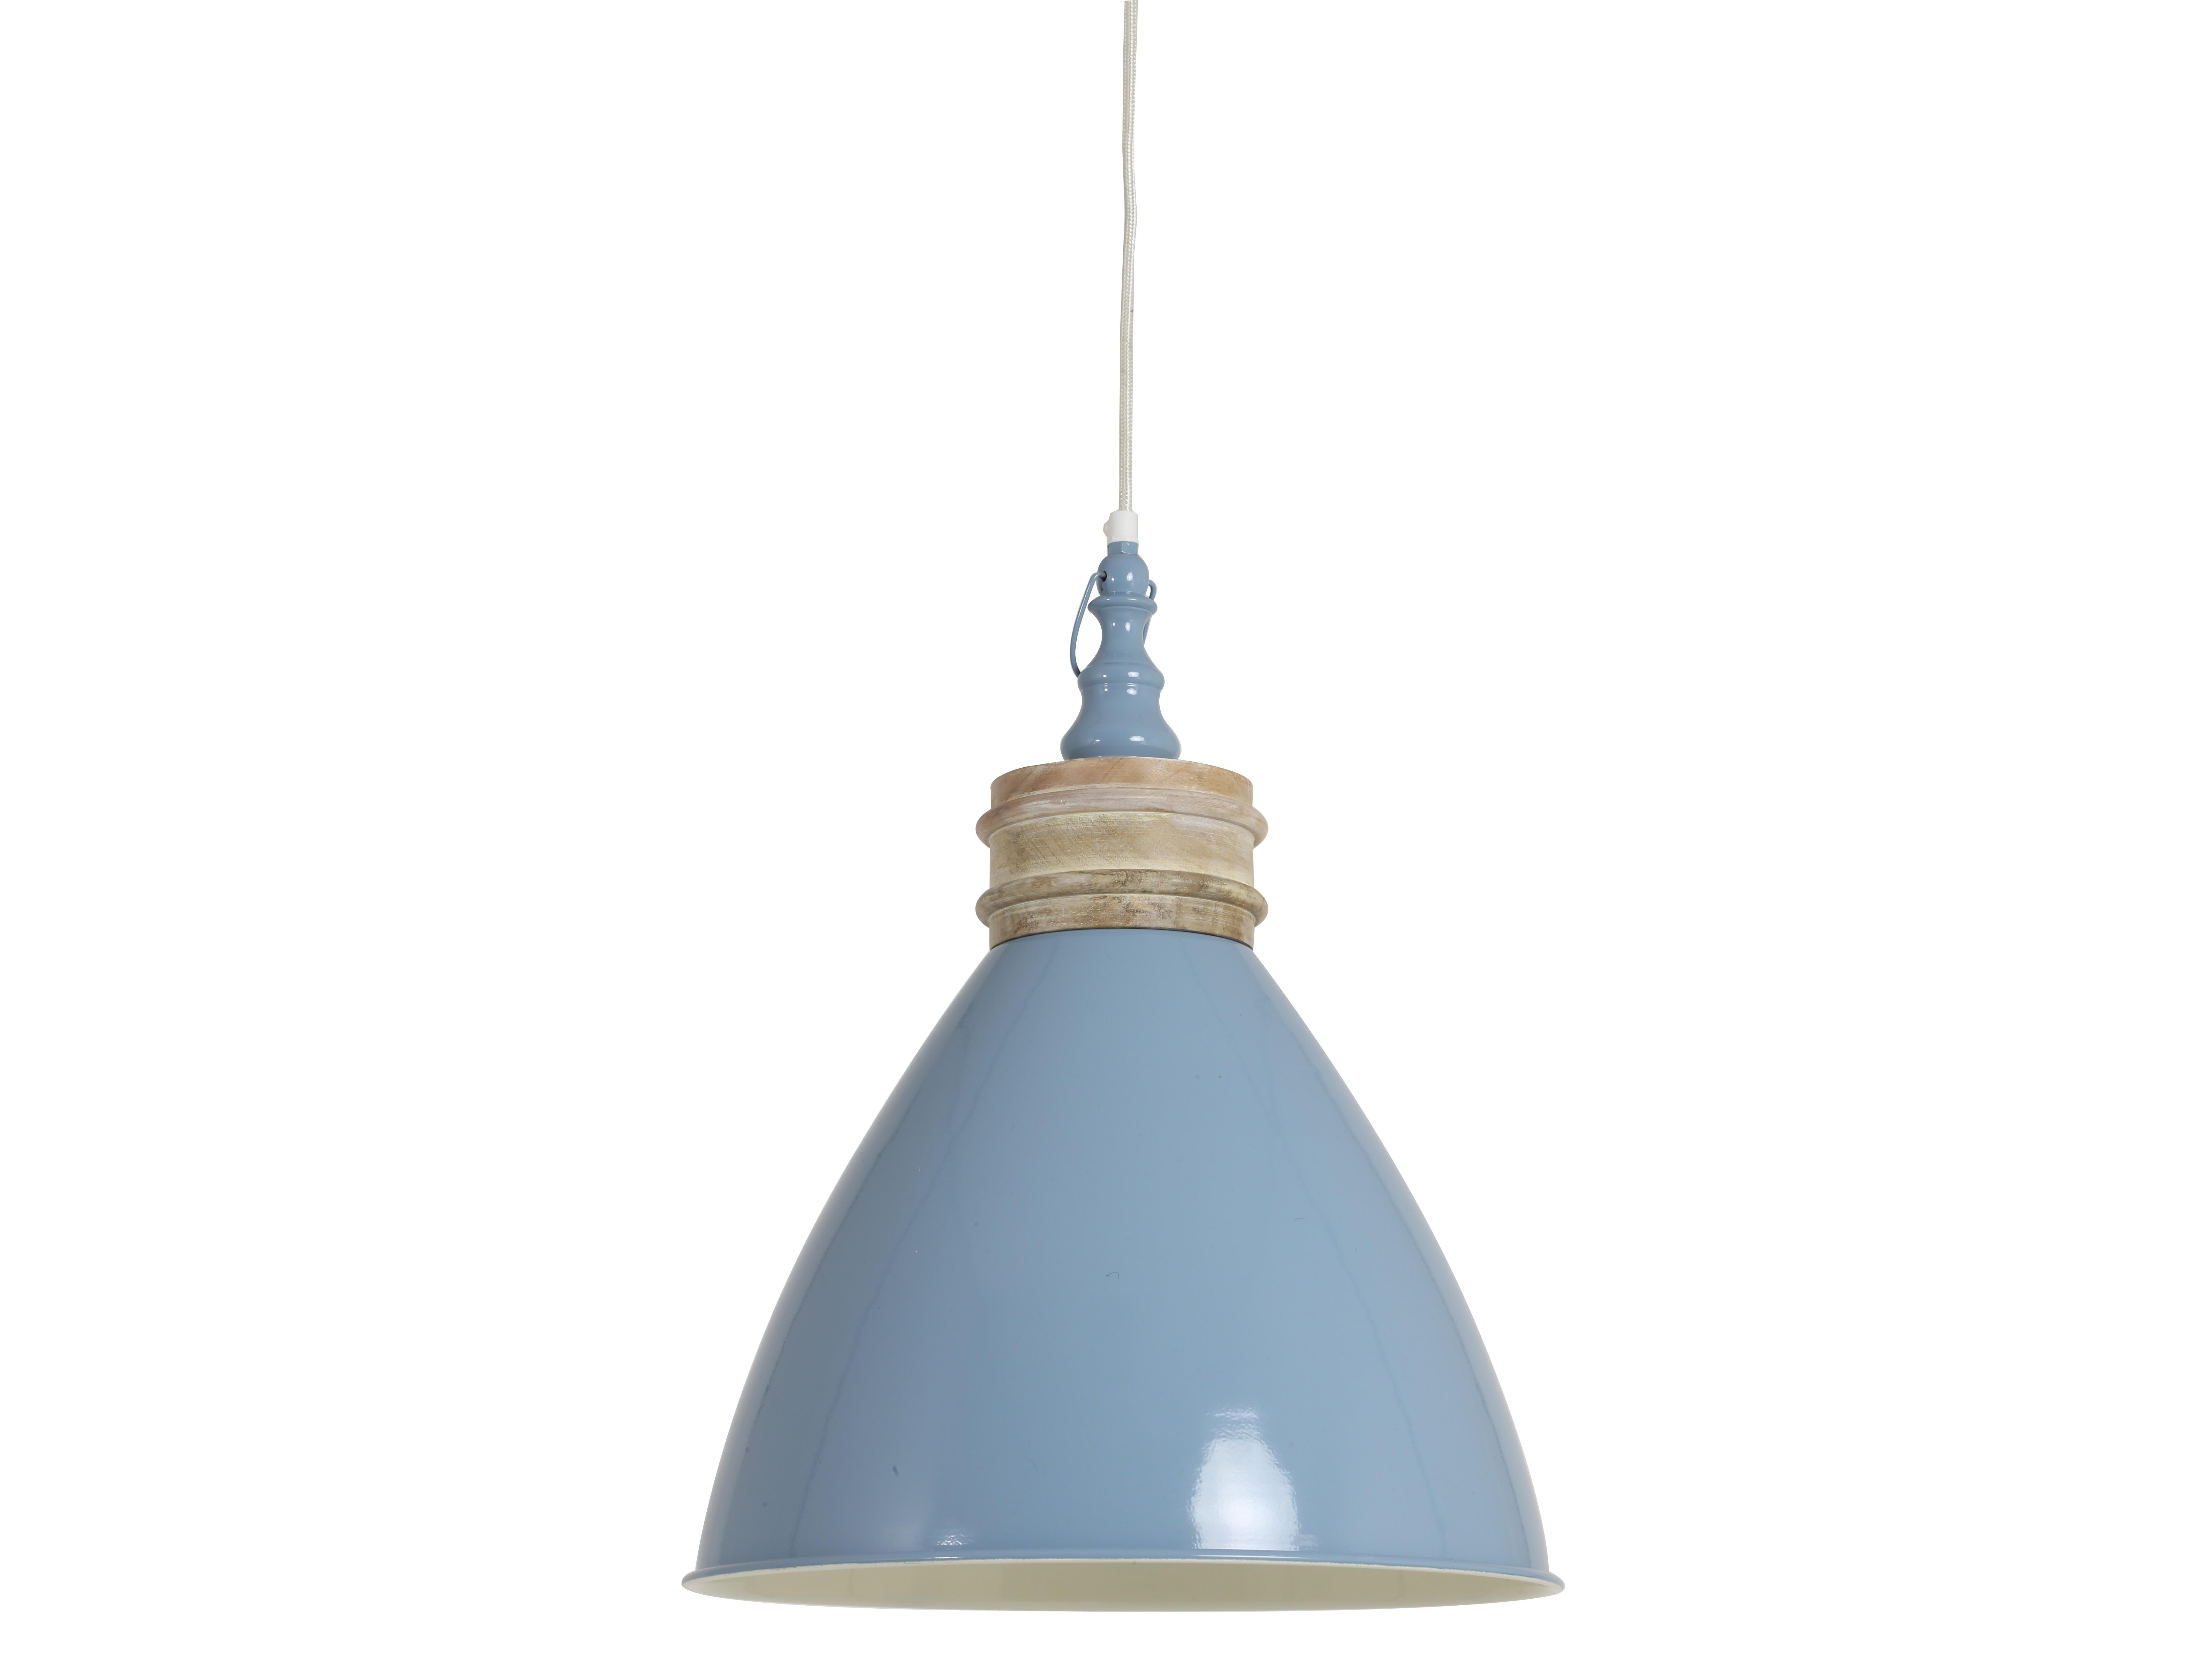 Потолочный светильник ArtemisПодвесные светильники<br>Потолочный светильник с одним плафоном голубого цвета от голландского бренда light &amp;amp;amp; living. Эта модель люстры стильно смотрится в гостиной и спальне и гармонично сочетается с другими деталями современного интерьера.&amp;amp;nbsp;&amp;lt;div&amp;gt;&amp;lt;br&amp;gt;&amp;lt;div&amp;gt;Вид цоколя: Е27,&amp;amp;nbsp;&amp;lt;/div&amp;gt;&amp;lt;div&amp;gt;Мощность лампочки: 11W,&amp;amp;nbsp;&amp;lt;/div&amp;gt;&amp;lt;div&amp;gt;Кол-во лампочек 1 (в комплект не входит).&amp;lt;/div&amp;gt;&amp;lt;/div&amp;gt;<br><br>Material: Металл<br>Height см: 50<br>Diameter см: 38